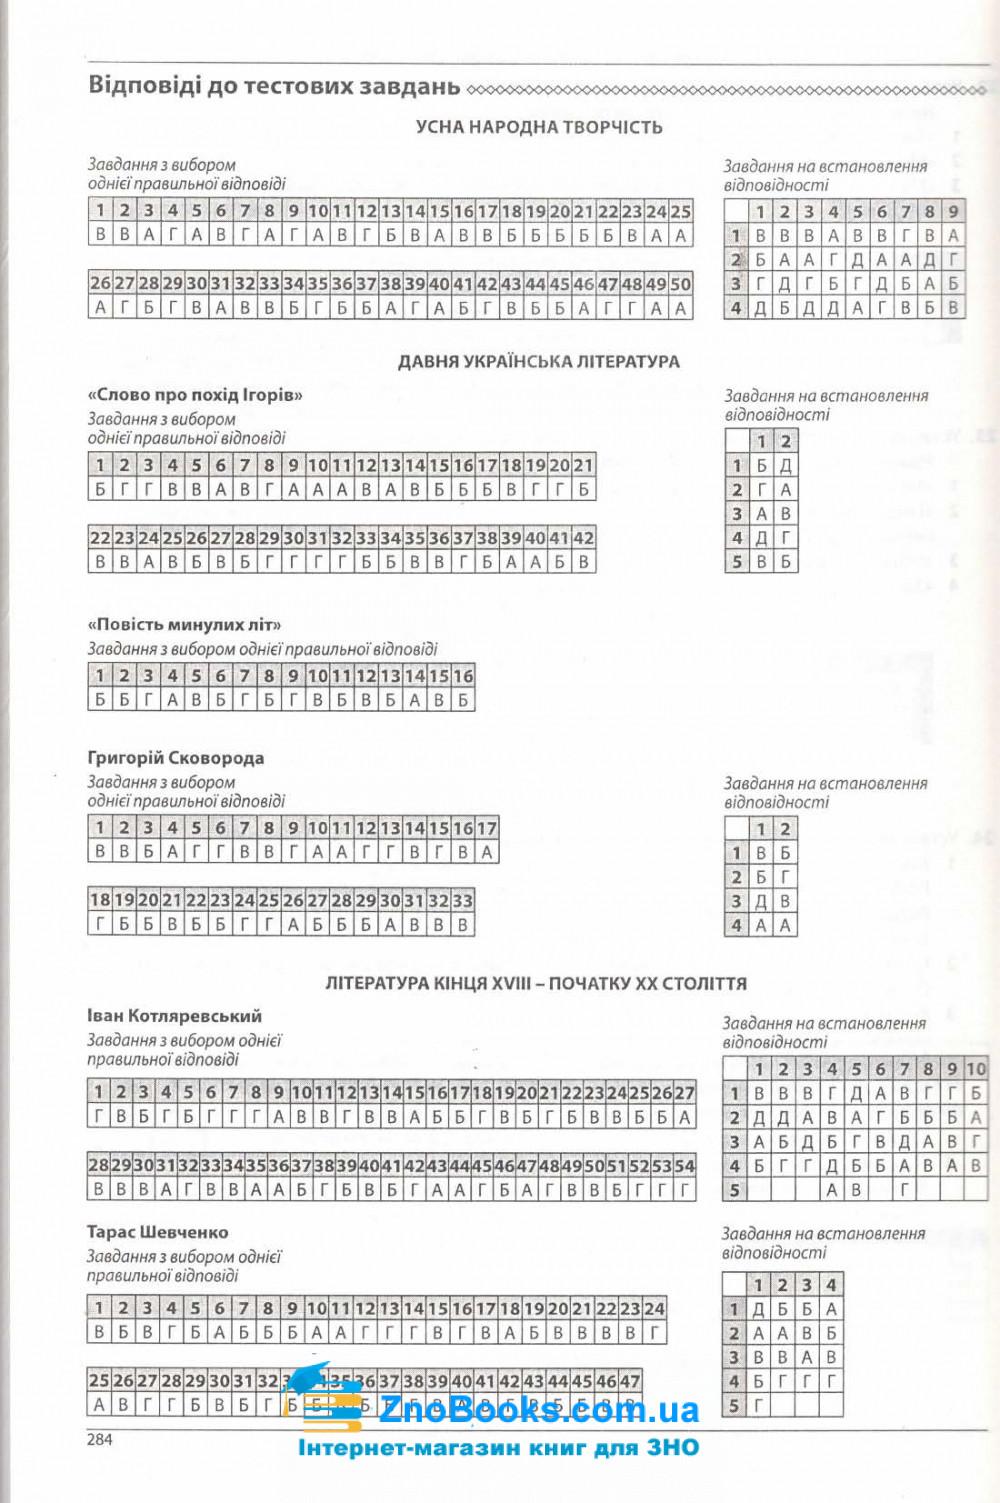 Українська література. Комплексне видання ЗНО 2022 : Куриліна О., Пристай Л. Абетка. 9